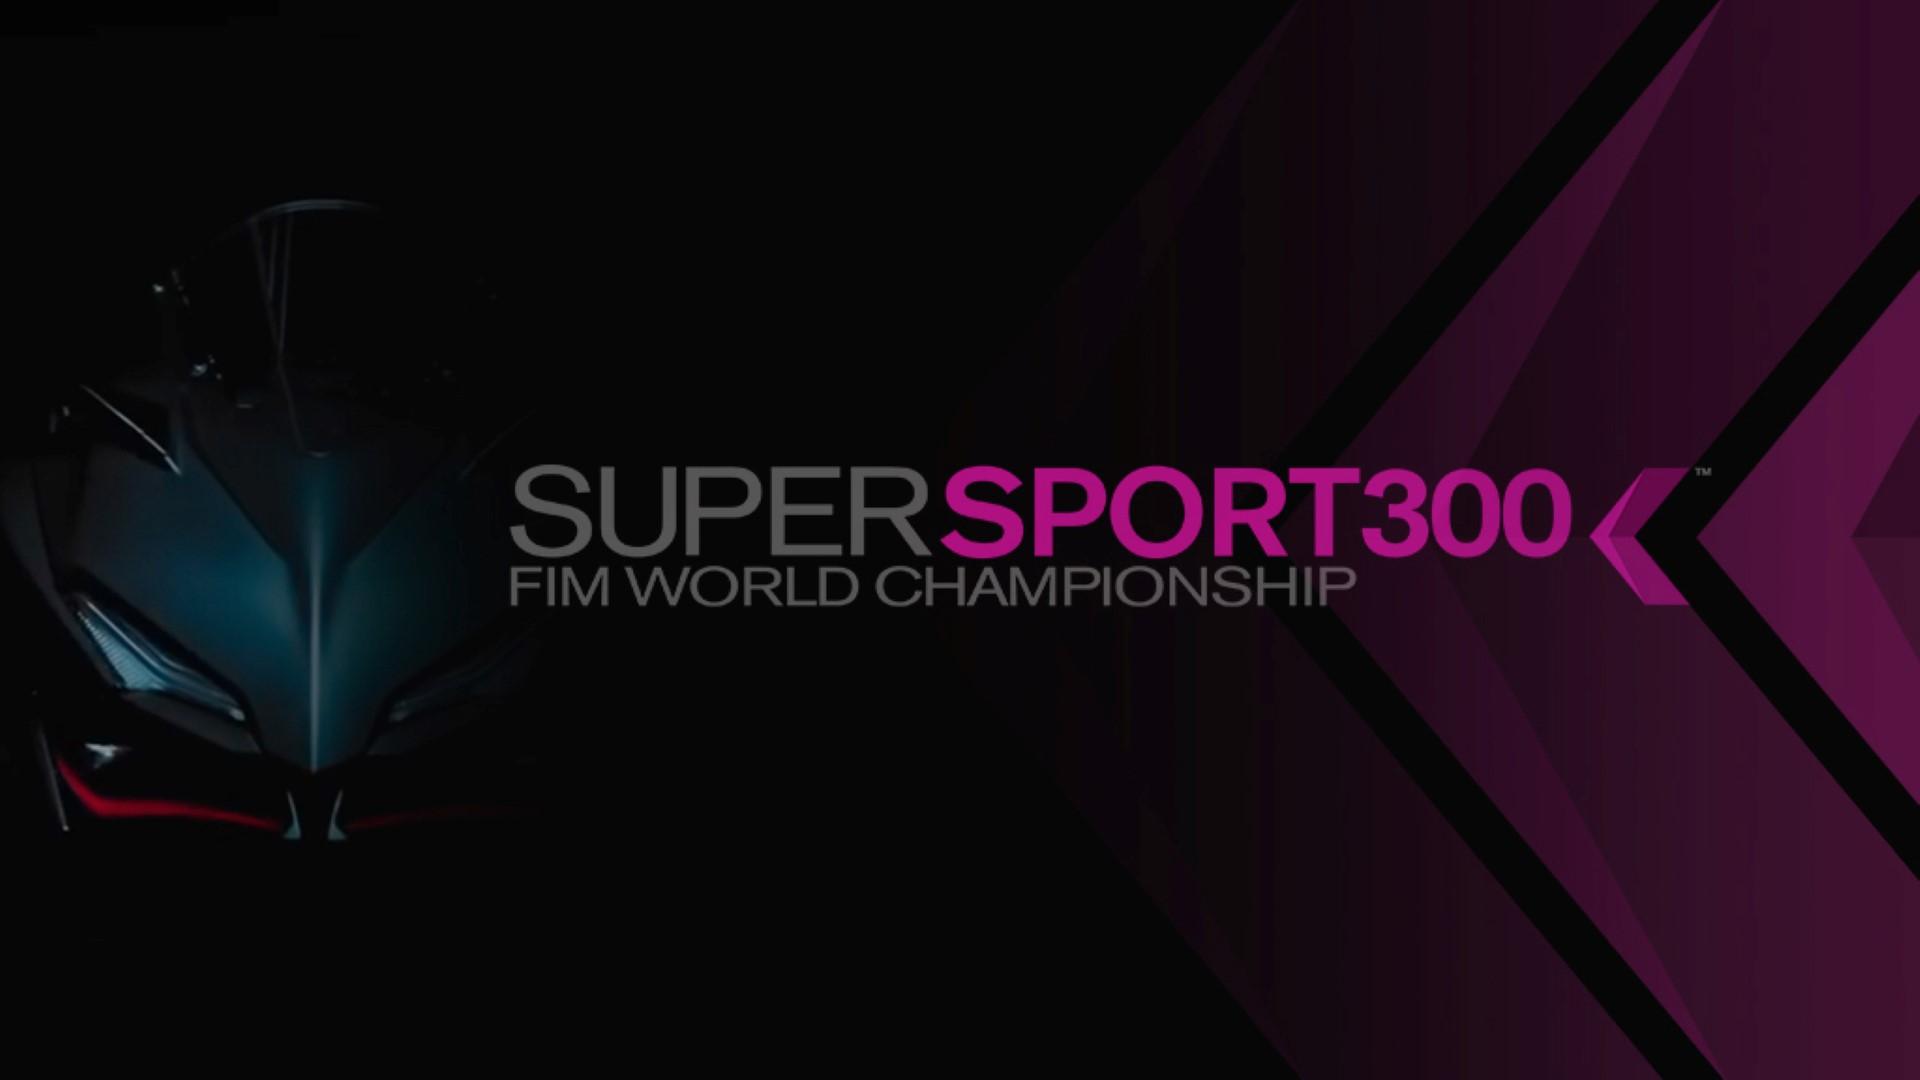 Nace el Mundial de Supersport 300